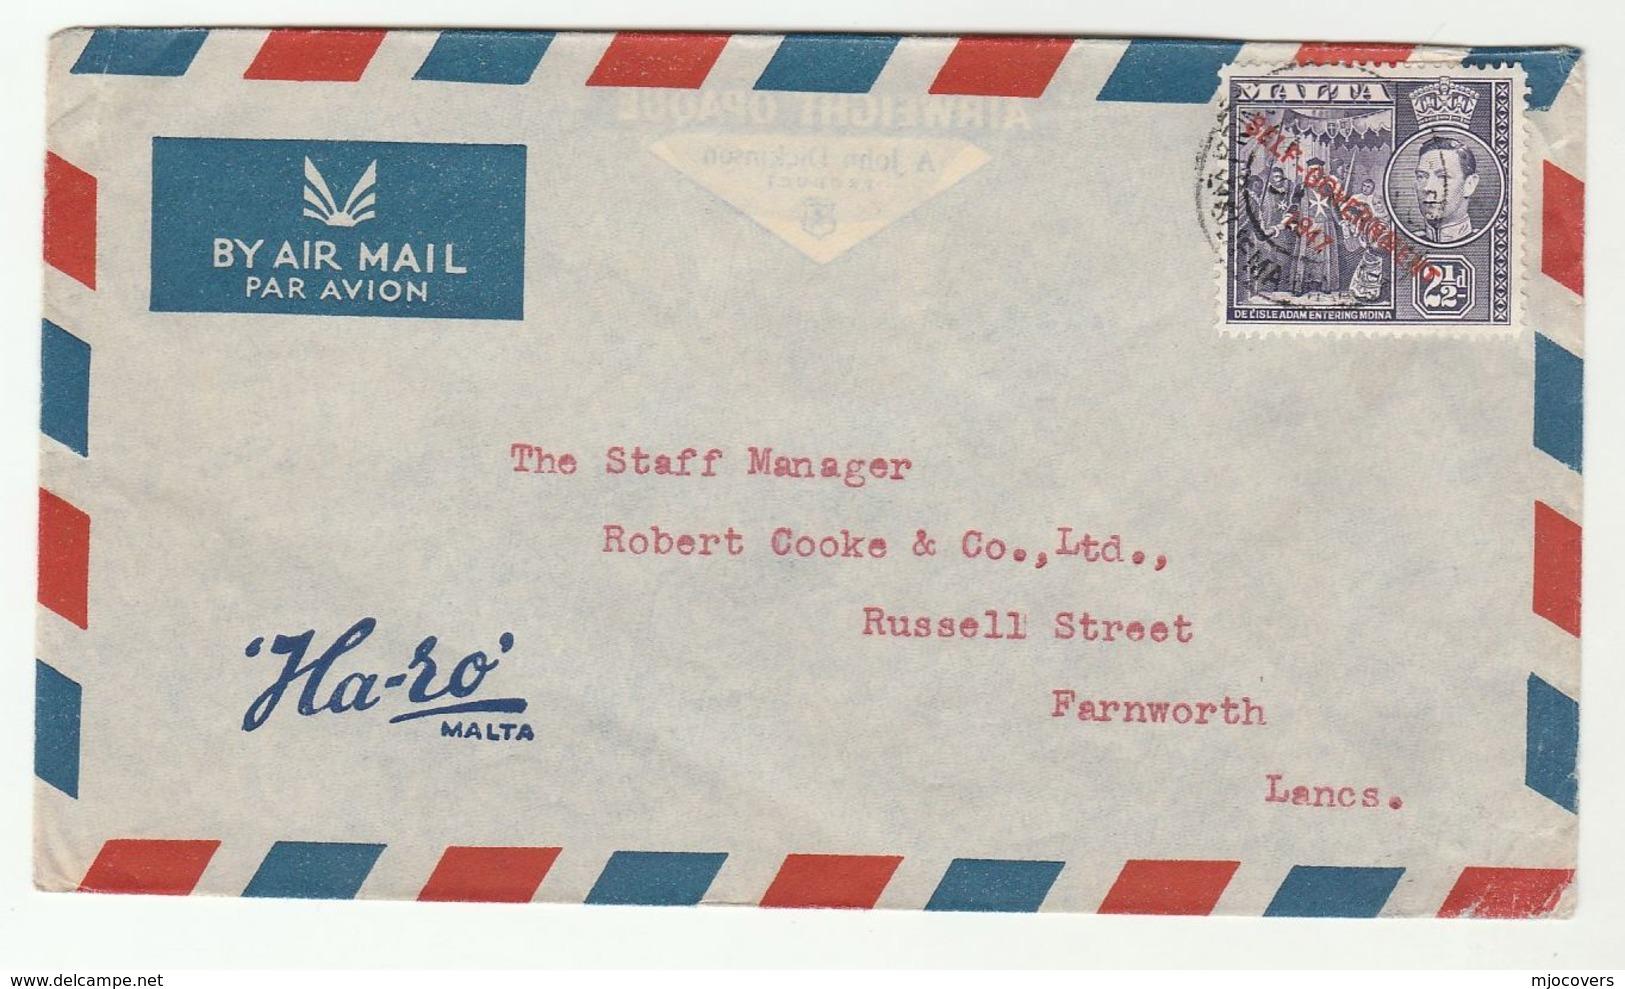 1947 MALTA COVER  HA-SO ADVERT  To GB Stamps - Malte